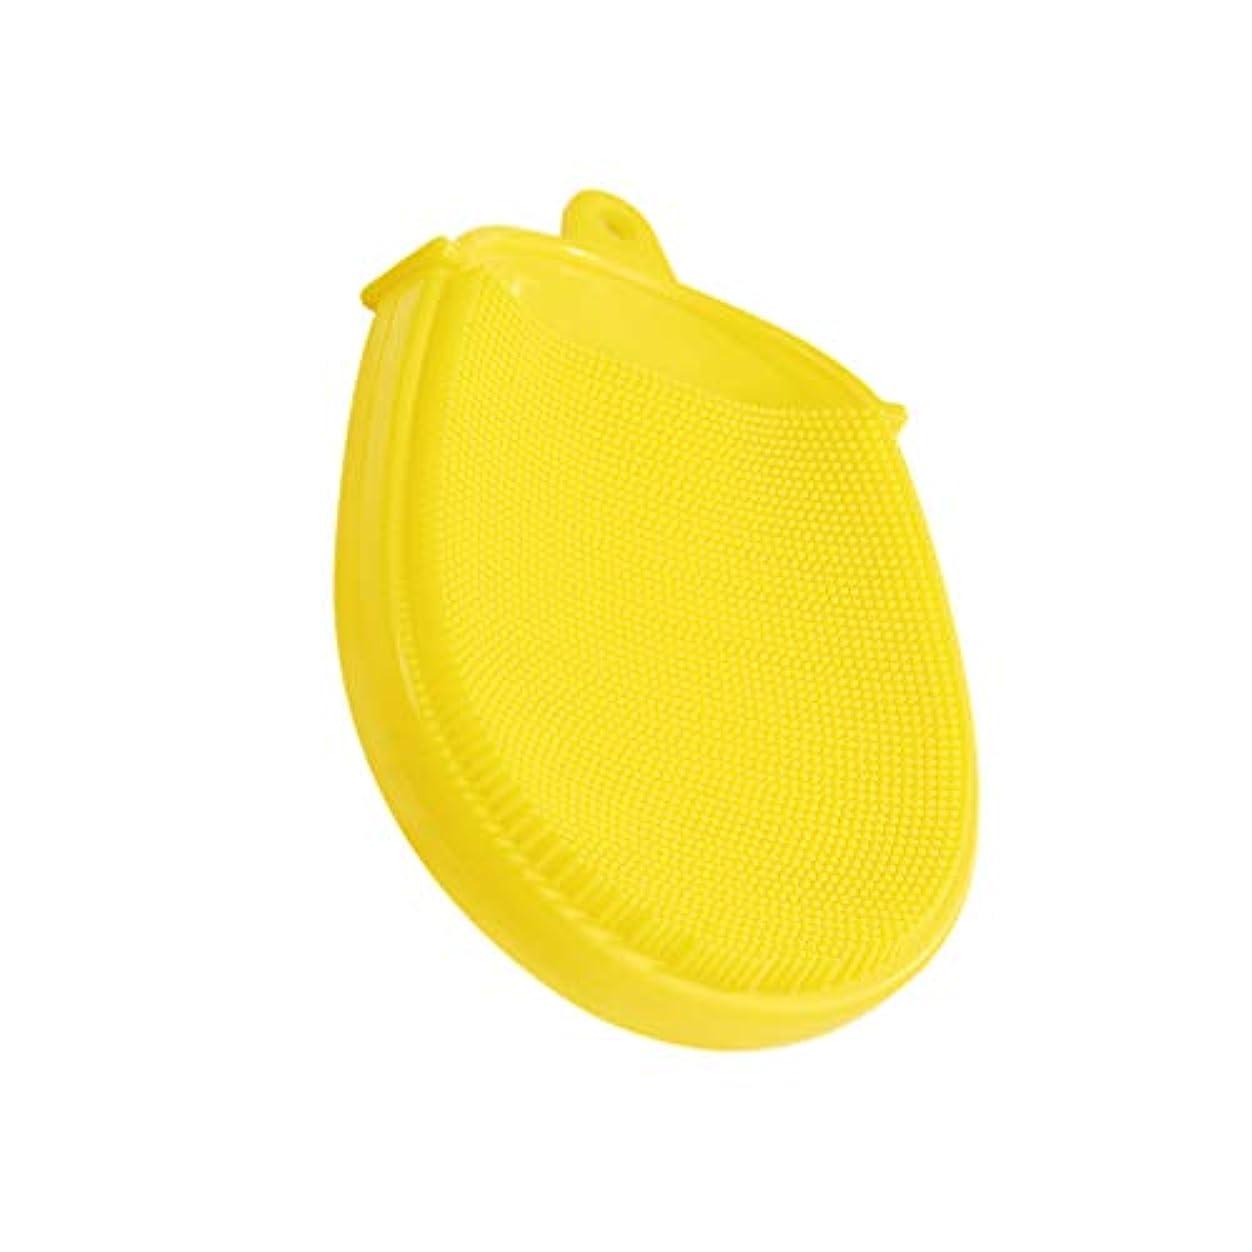 分配しますバイソン名目上のHeallily バスブラシシリコンボディブラシソフトマッサージバックブラシクレンジングスクラバーキッズバスアクセサリー(黄色)